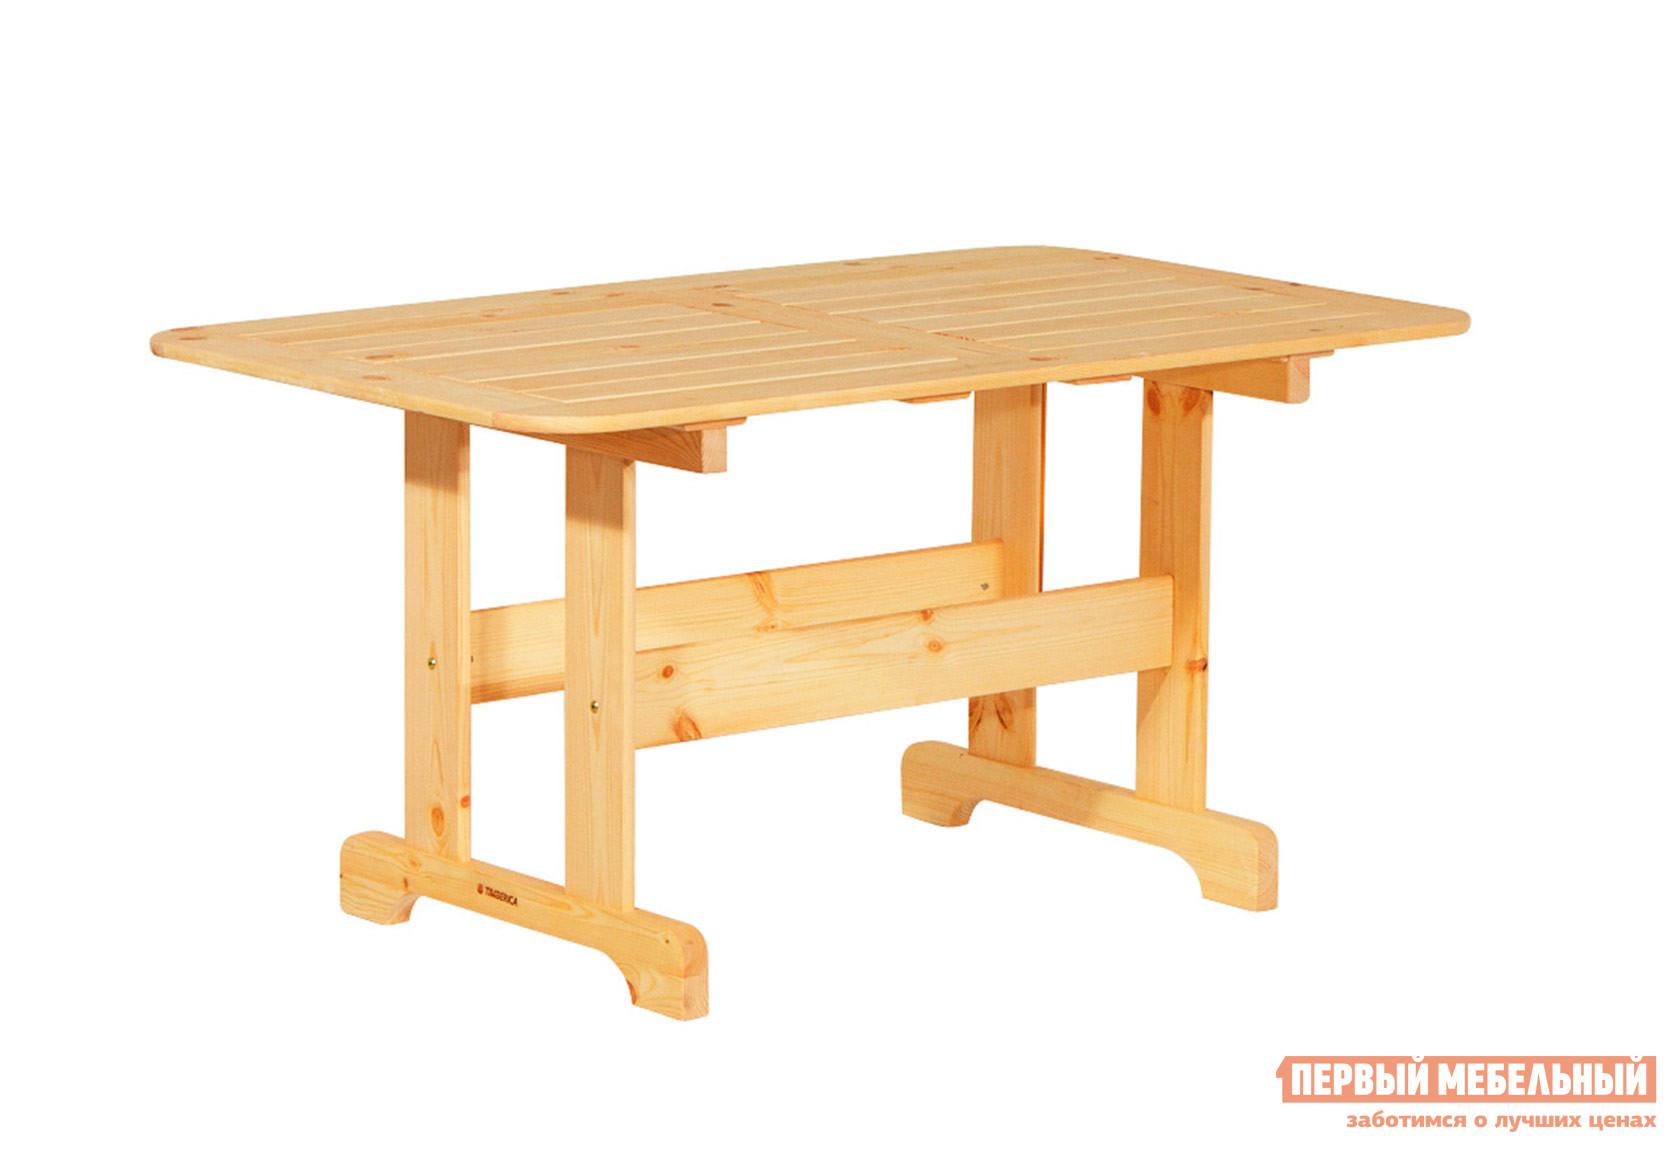 Дачный стол Timberica Стол Ярви мебель timberica